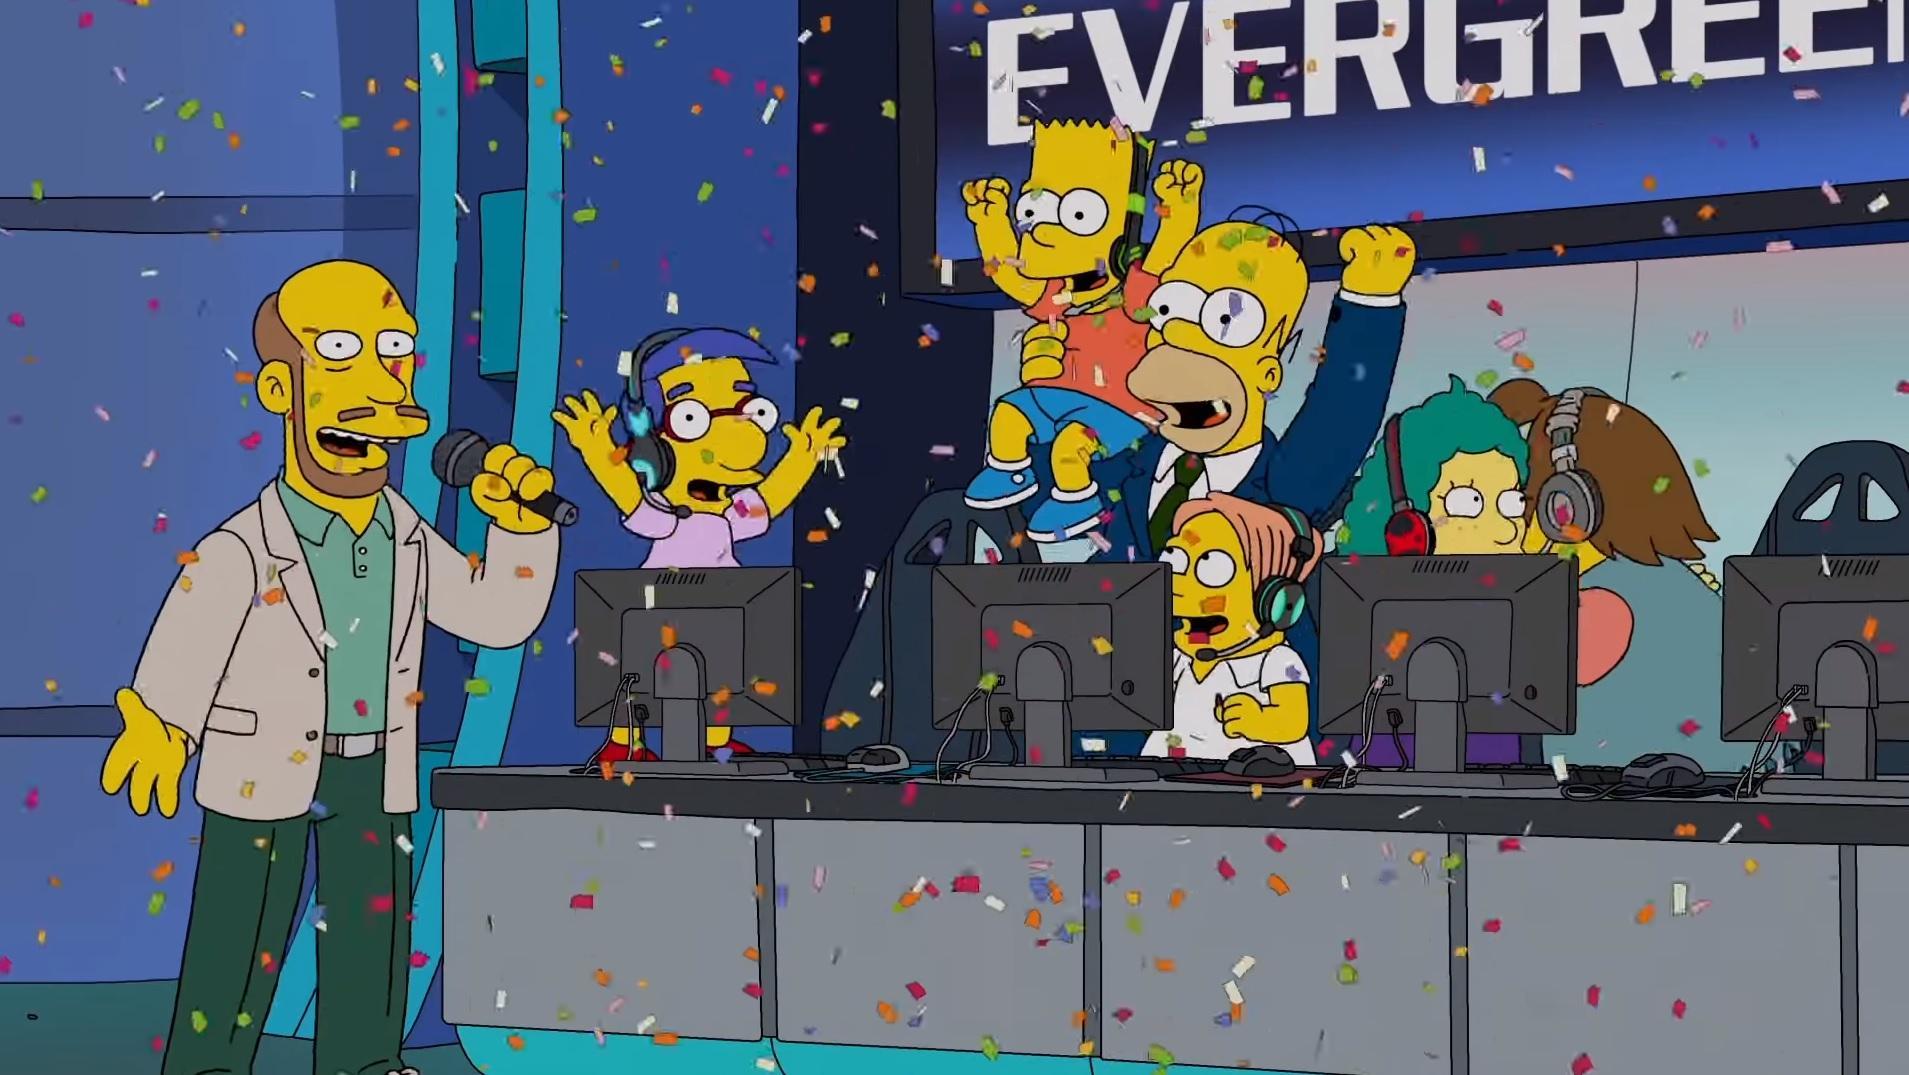 Los Simpson tendrá un episodio dedicado a los eSports y